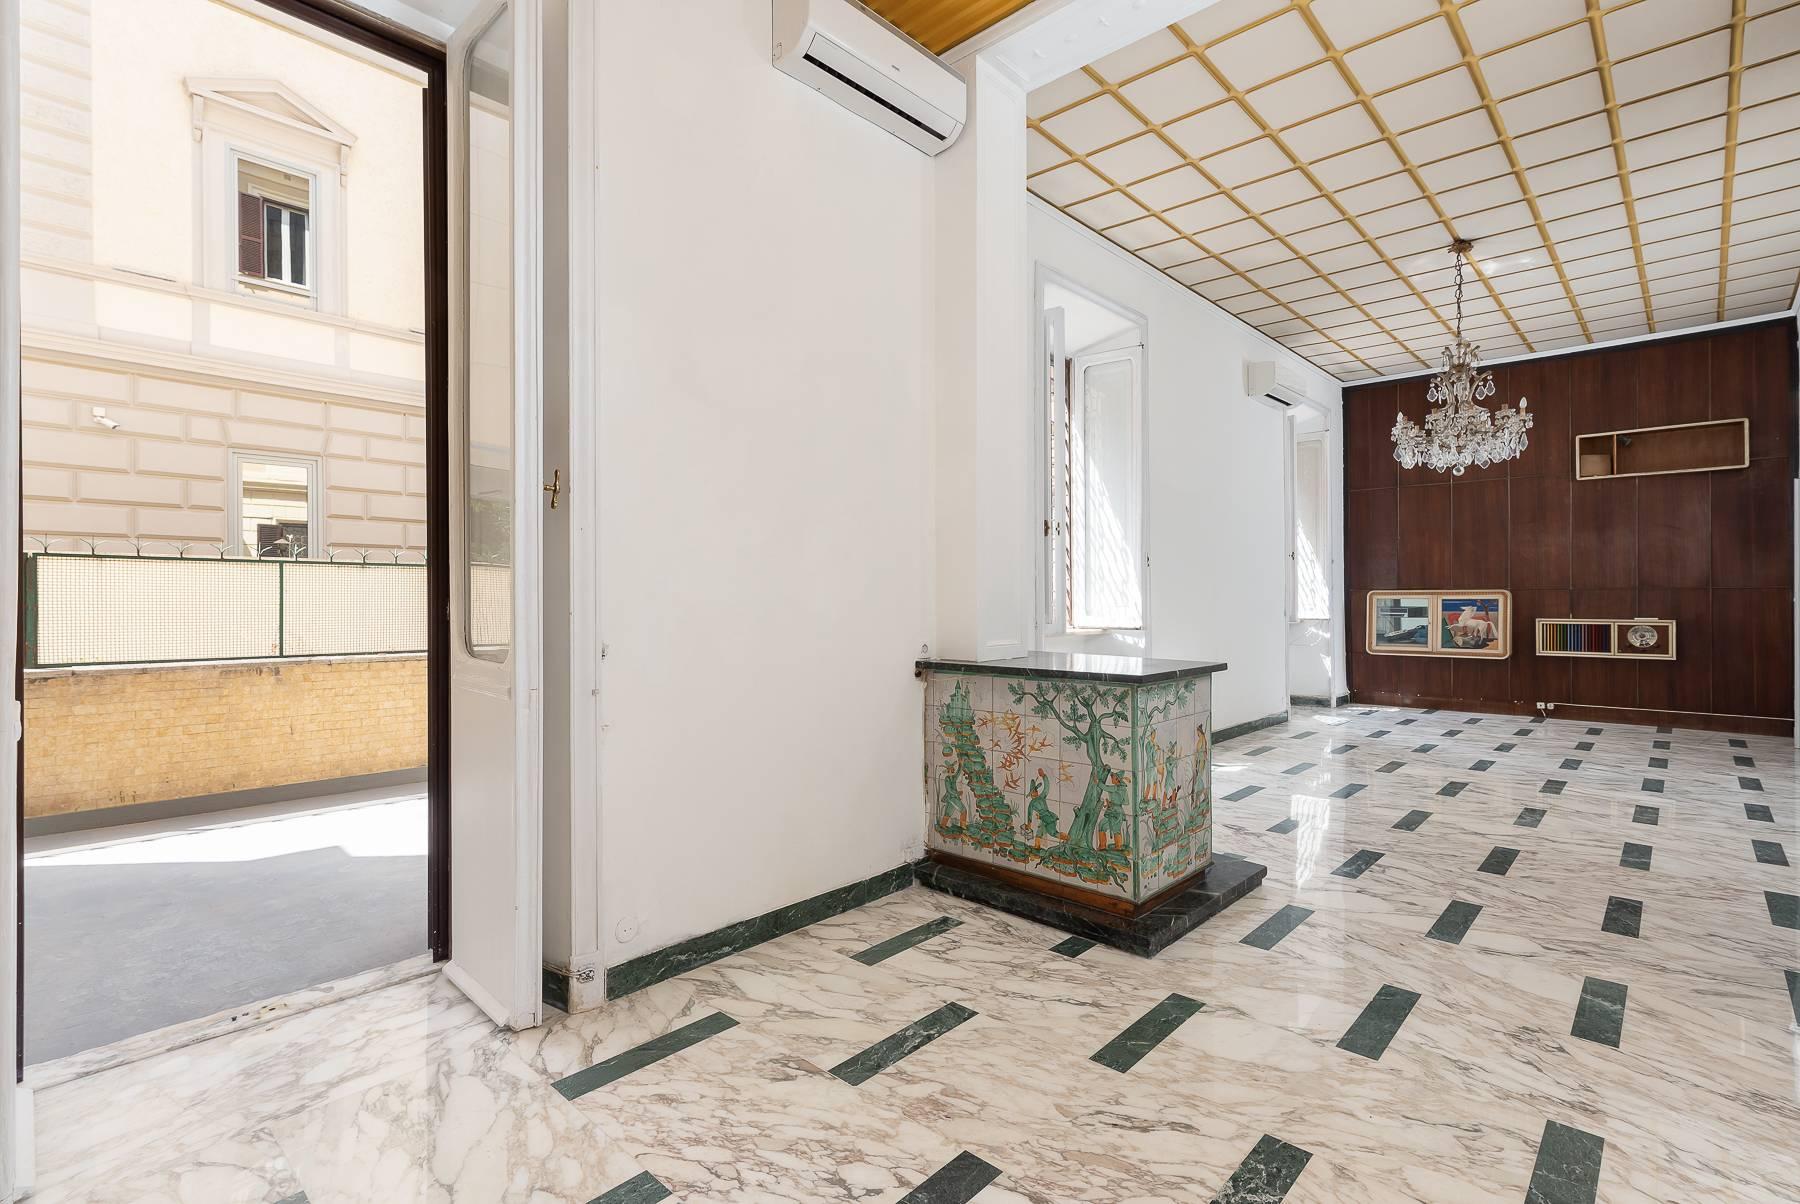 Ufficio-studio in Vendita a Roma: 5 locali, 322 mq - Foto 9